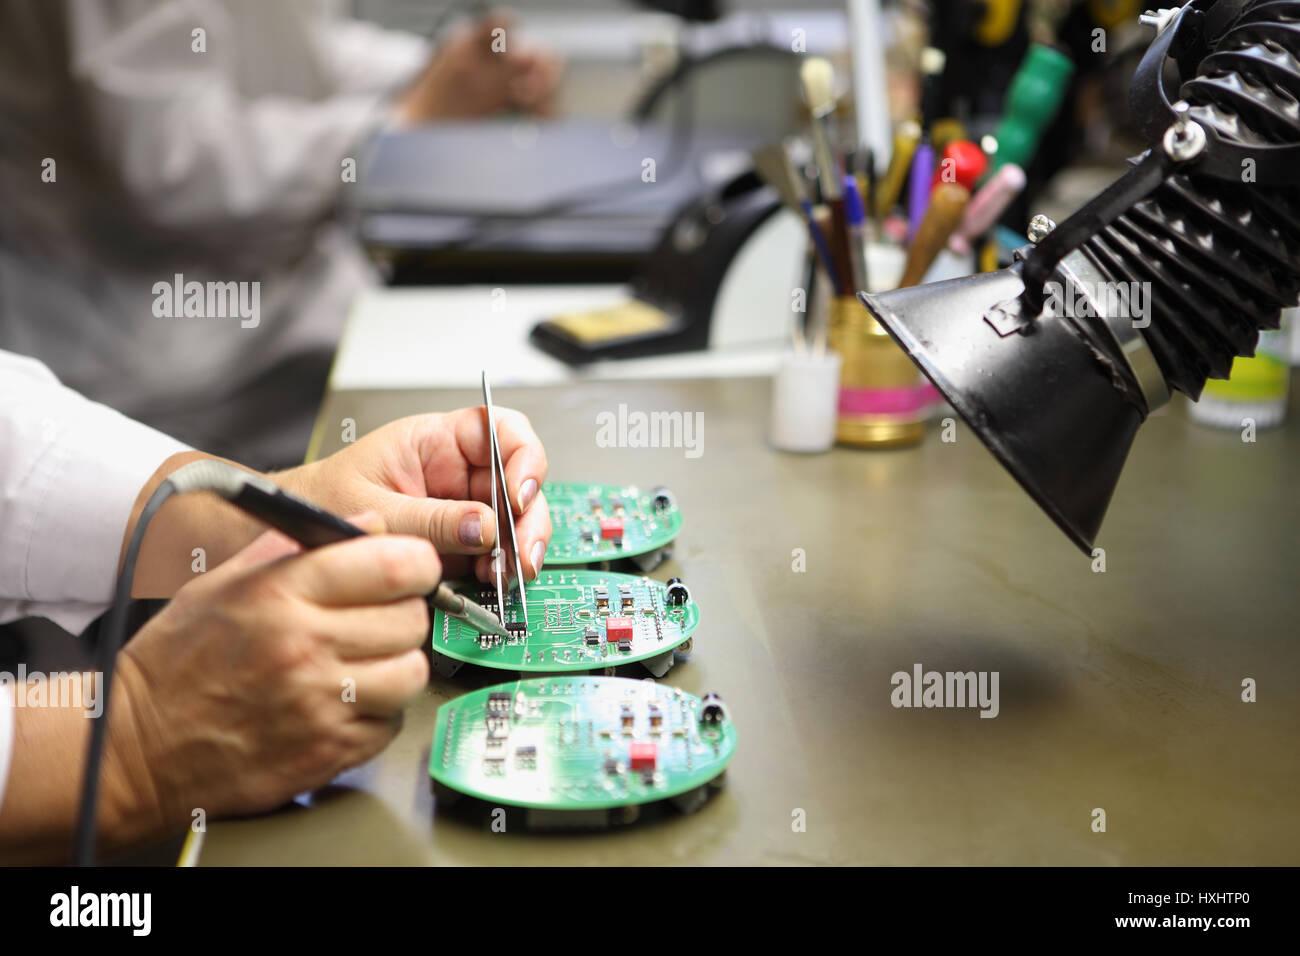 Circuito Y Servicios : Servicios de fabricación electrónica montaje manual de soldadura